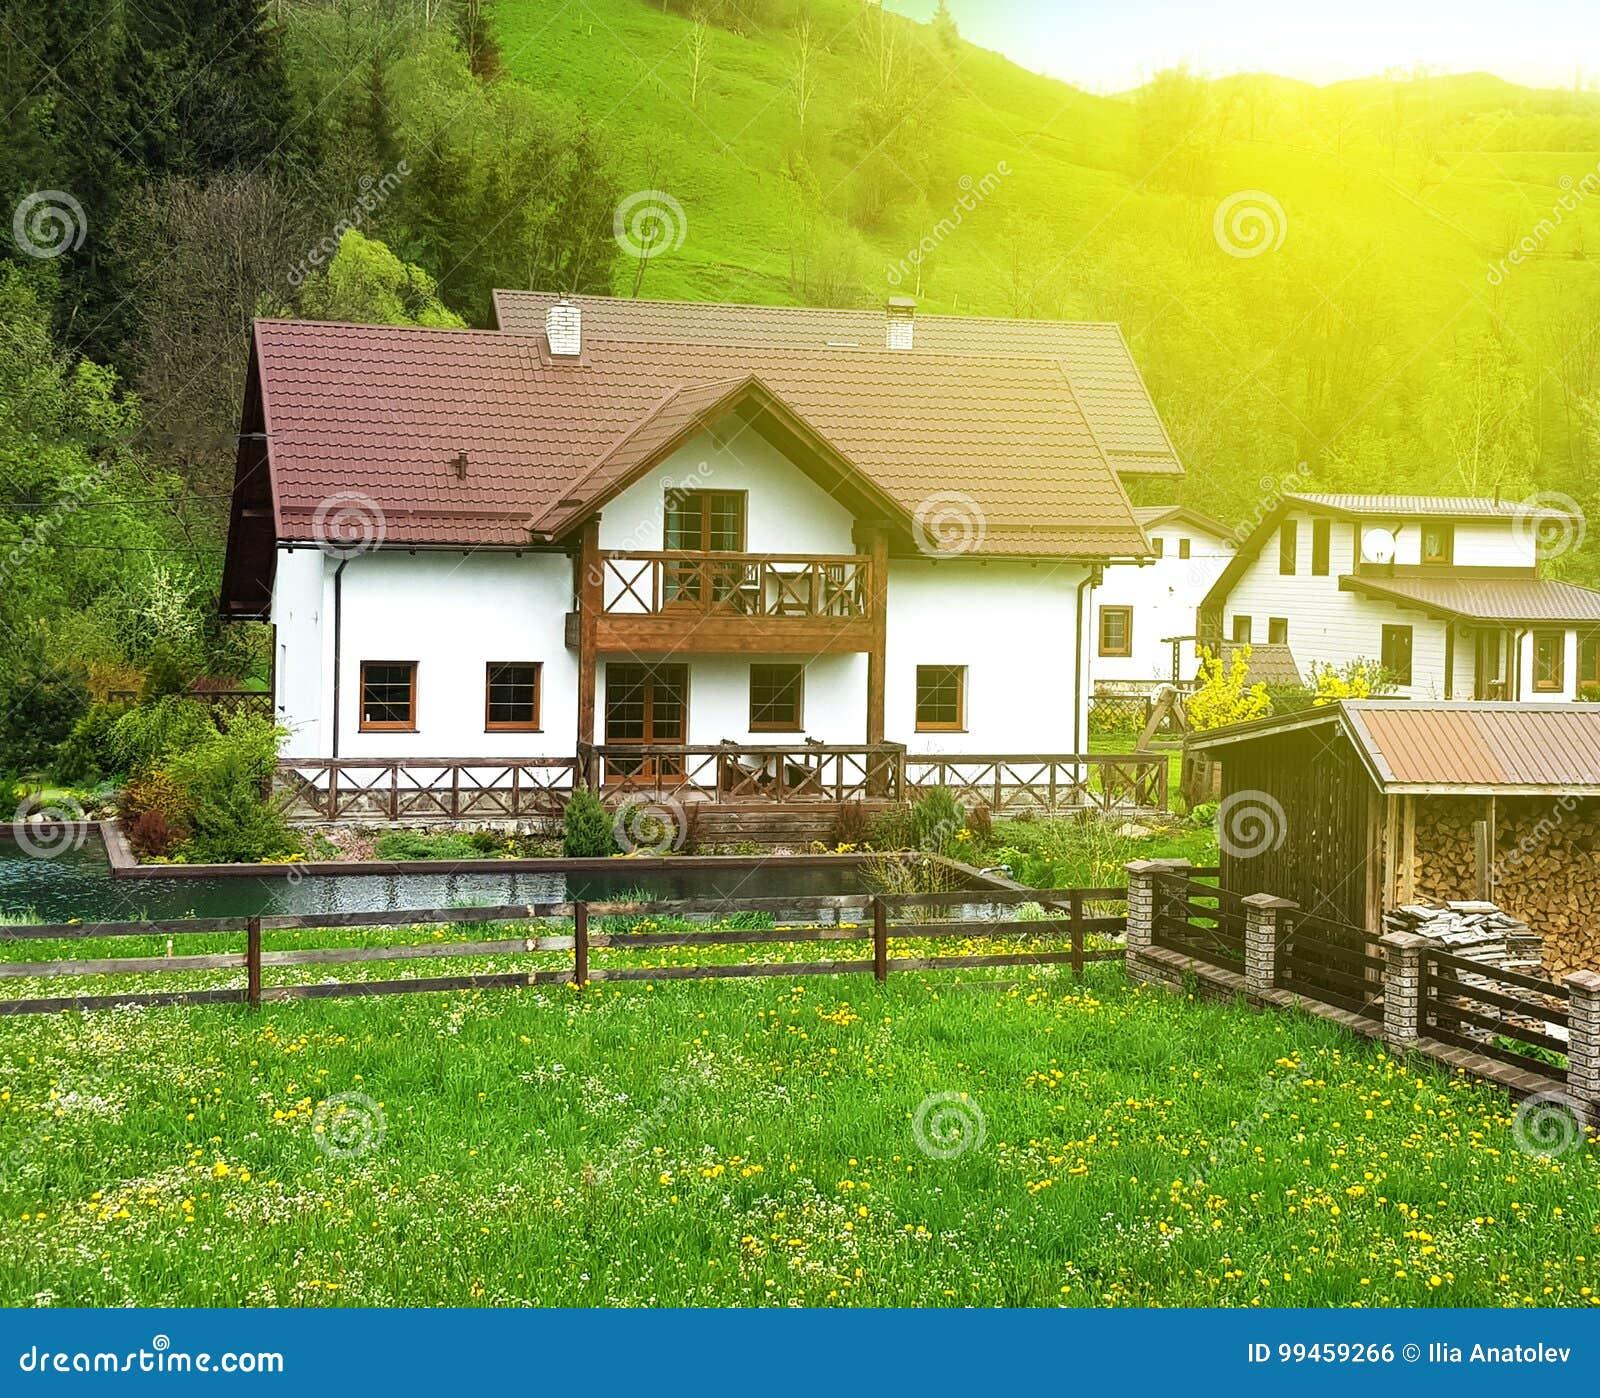 Facciata Casa Di Campagna facciata classica di una casa di campagna bianca con un